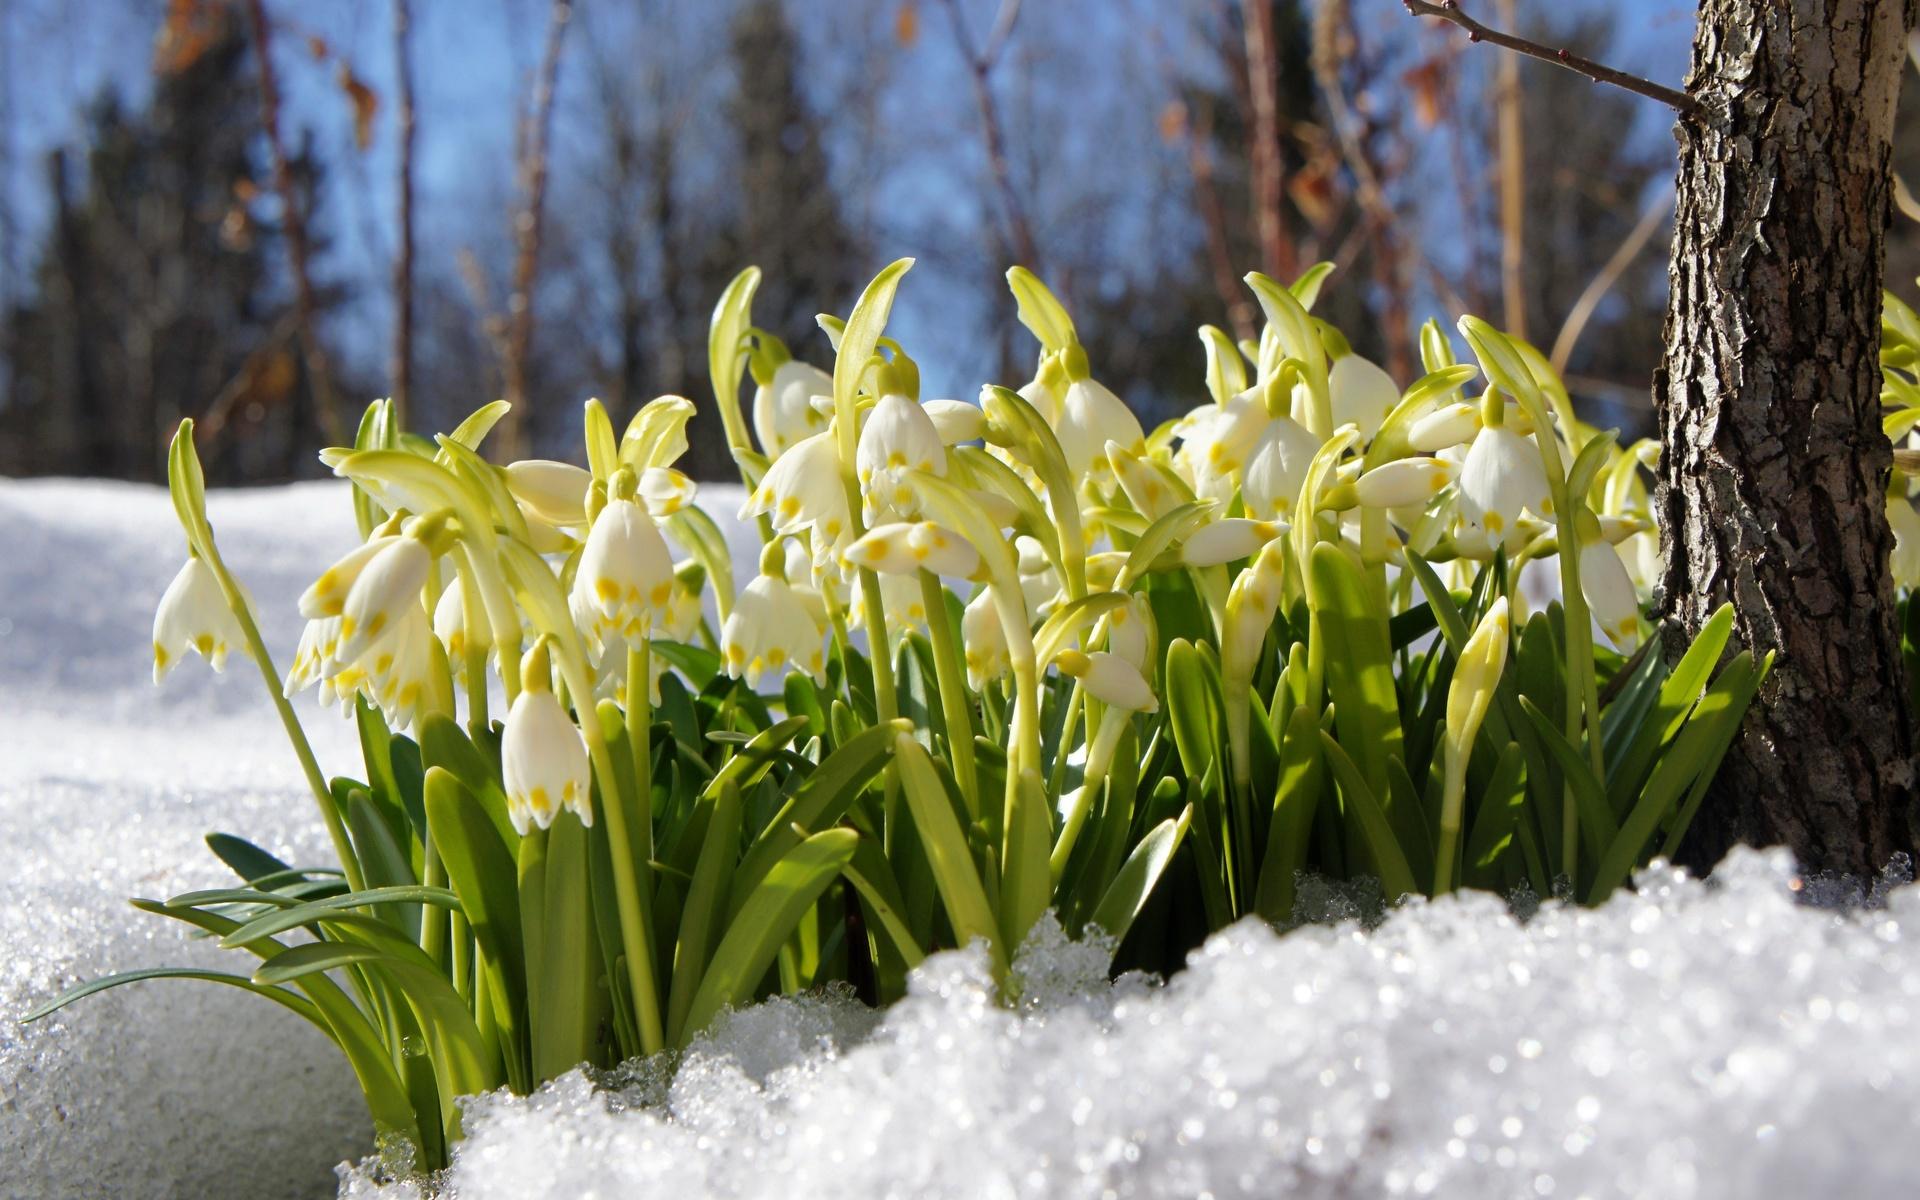 весна фото интересные теперь ограничена